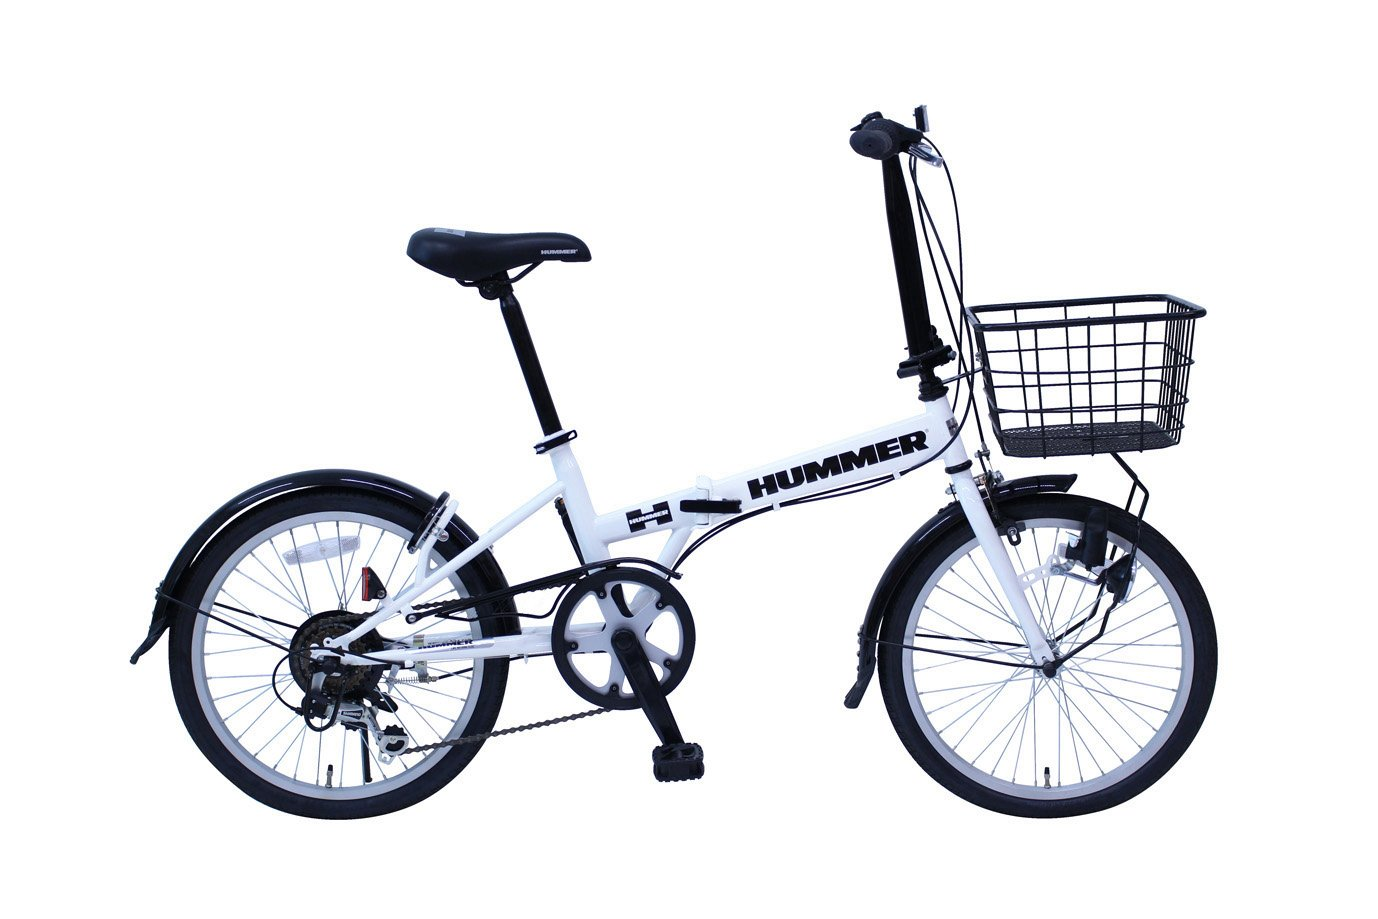 【驚きの値段】 ハマー(HUMMER) MG-HM206F-RL B0792NRTML MG-HM206F-RL ハマー(HUMMER) [20インチ折畳自転車] B0792NRTML, 小諸市:c5c1f8b4 --- greaterbayx.co